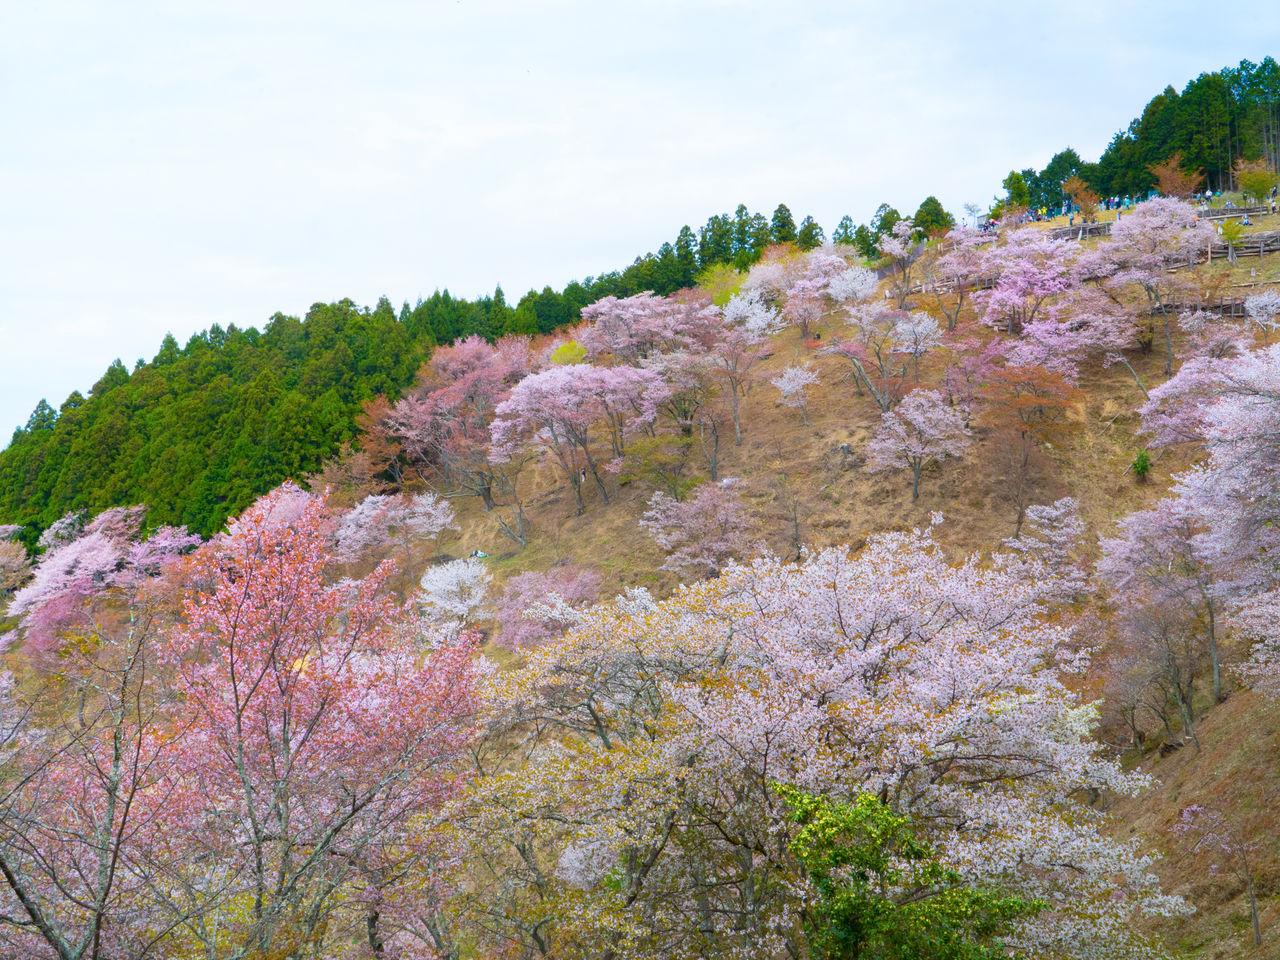 На горе Ёсино цветёт около 30 000 вишнёвых деревьев 200 сортов, преобладает сиро-ямадзакура, разновидность дикой вишни